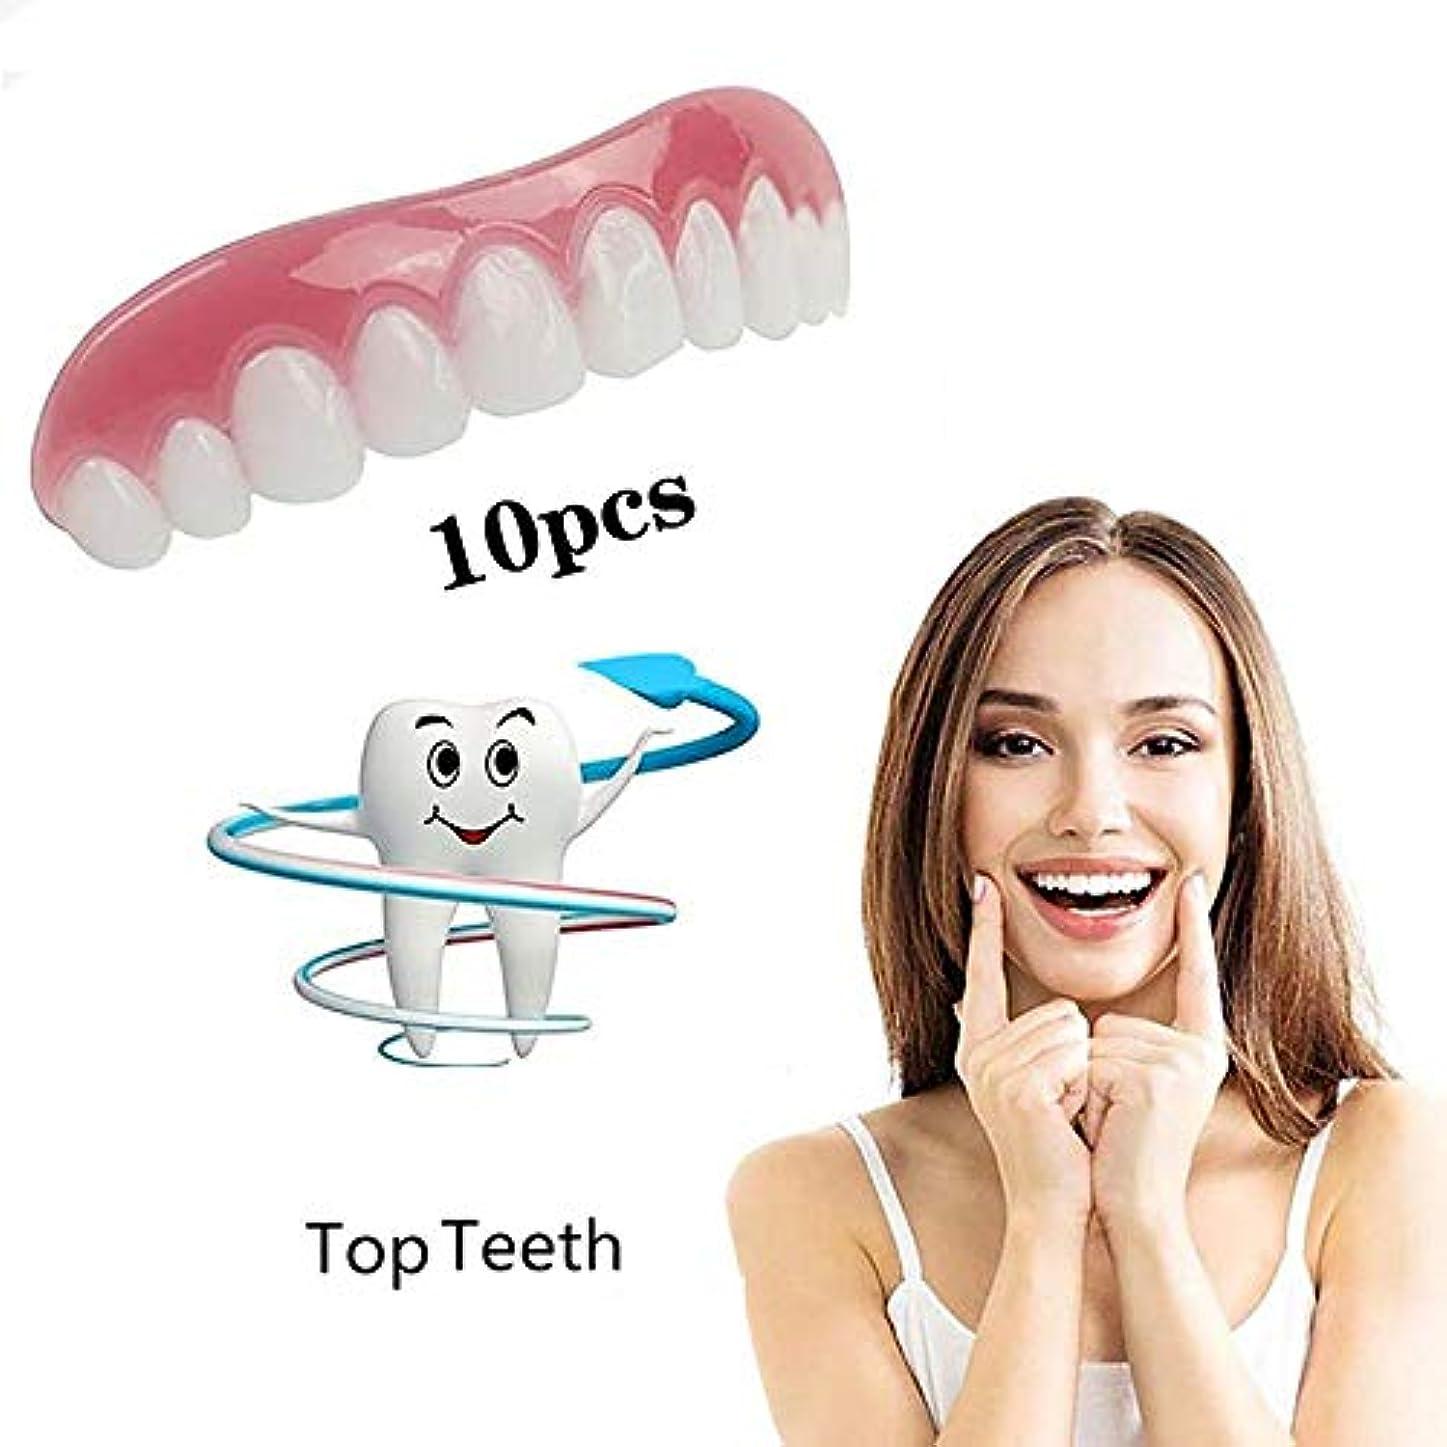 塩熟達ブラシ10個偽の歯アッパー偽の偽の歯カバースナップオン即時の歯の化粧品義歯のケアオーラルケアシリコーンホワイトニング義歯